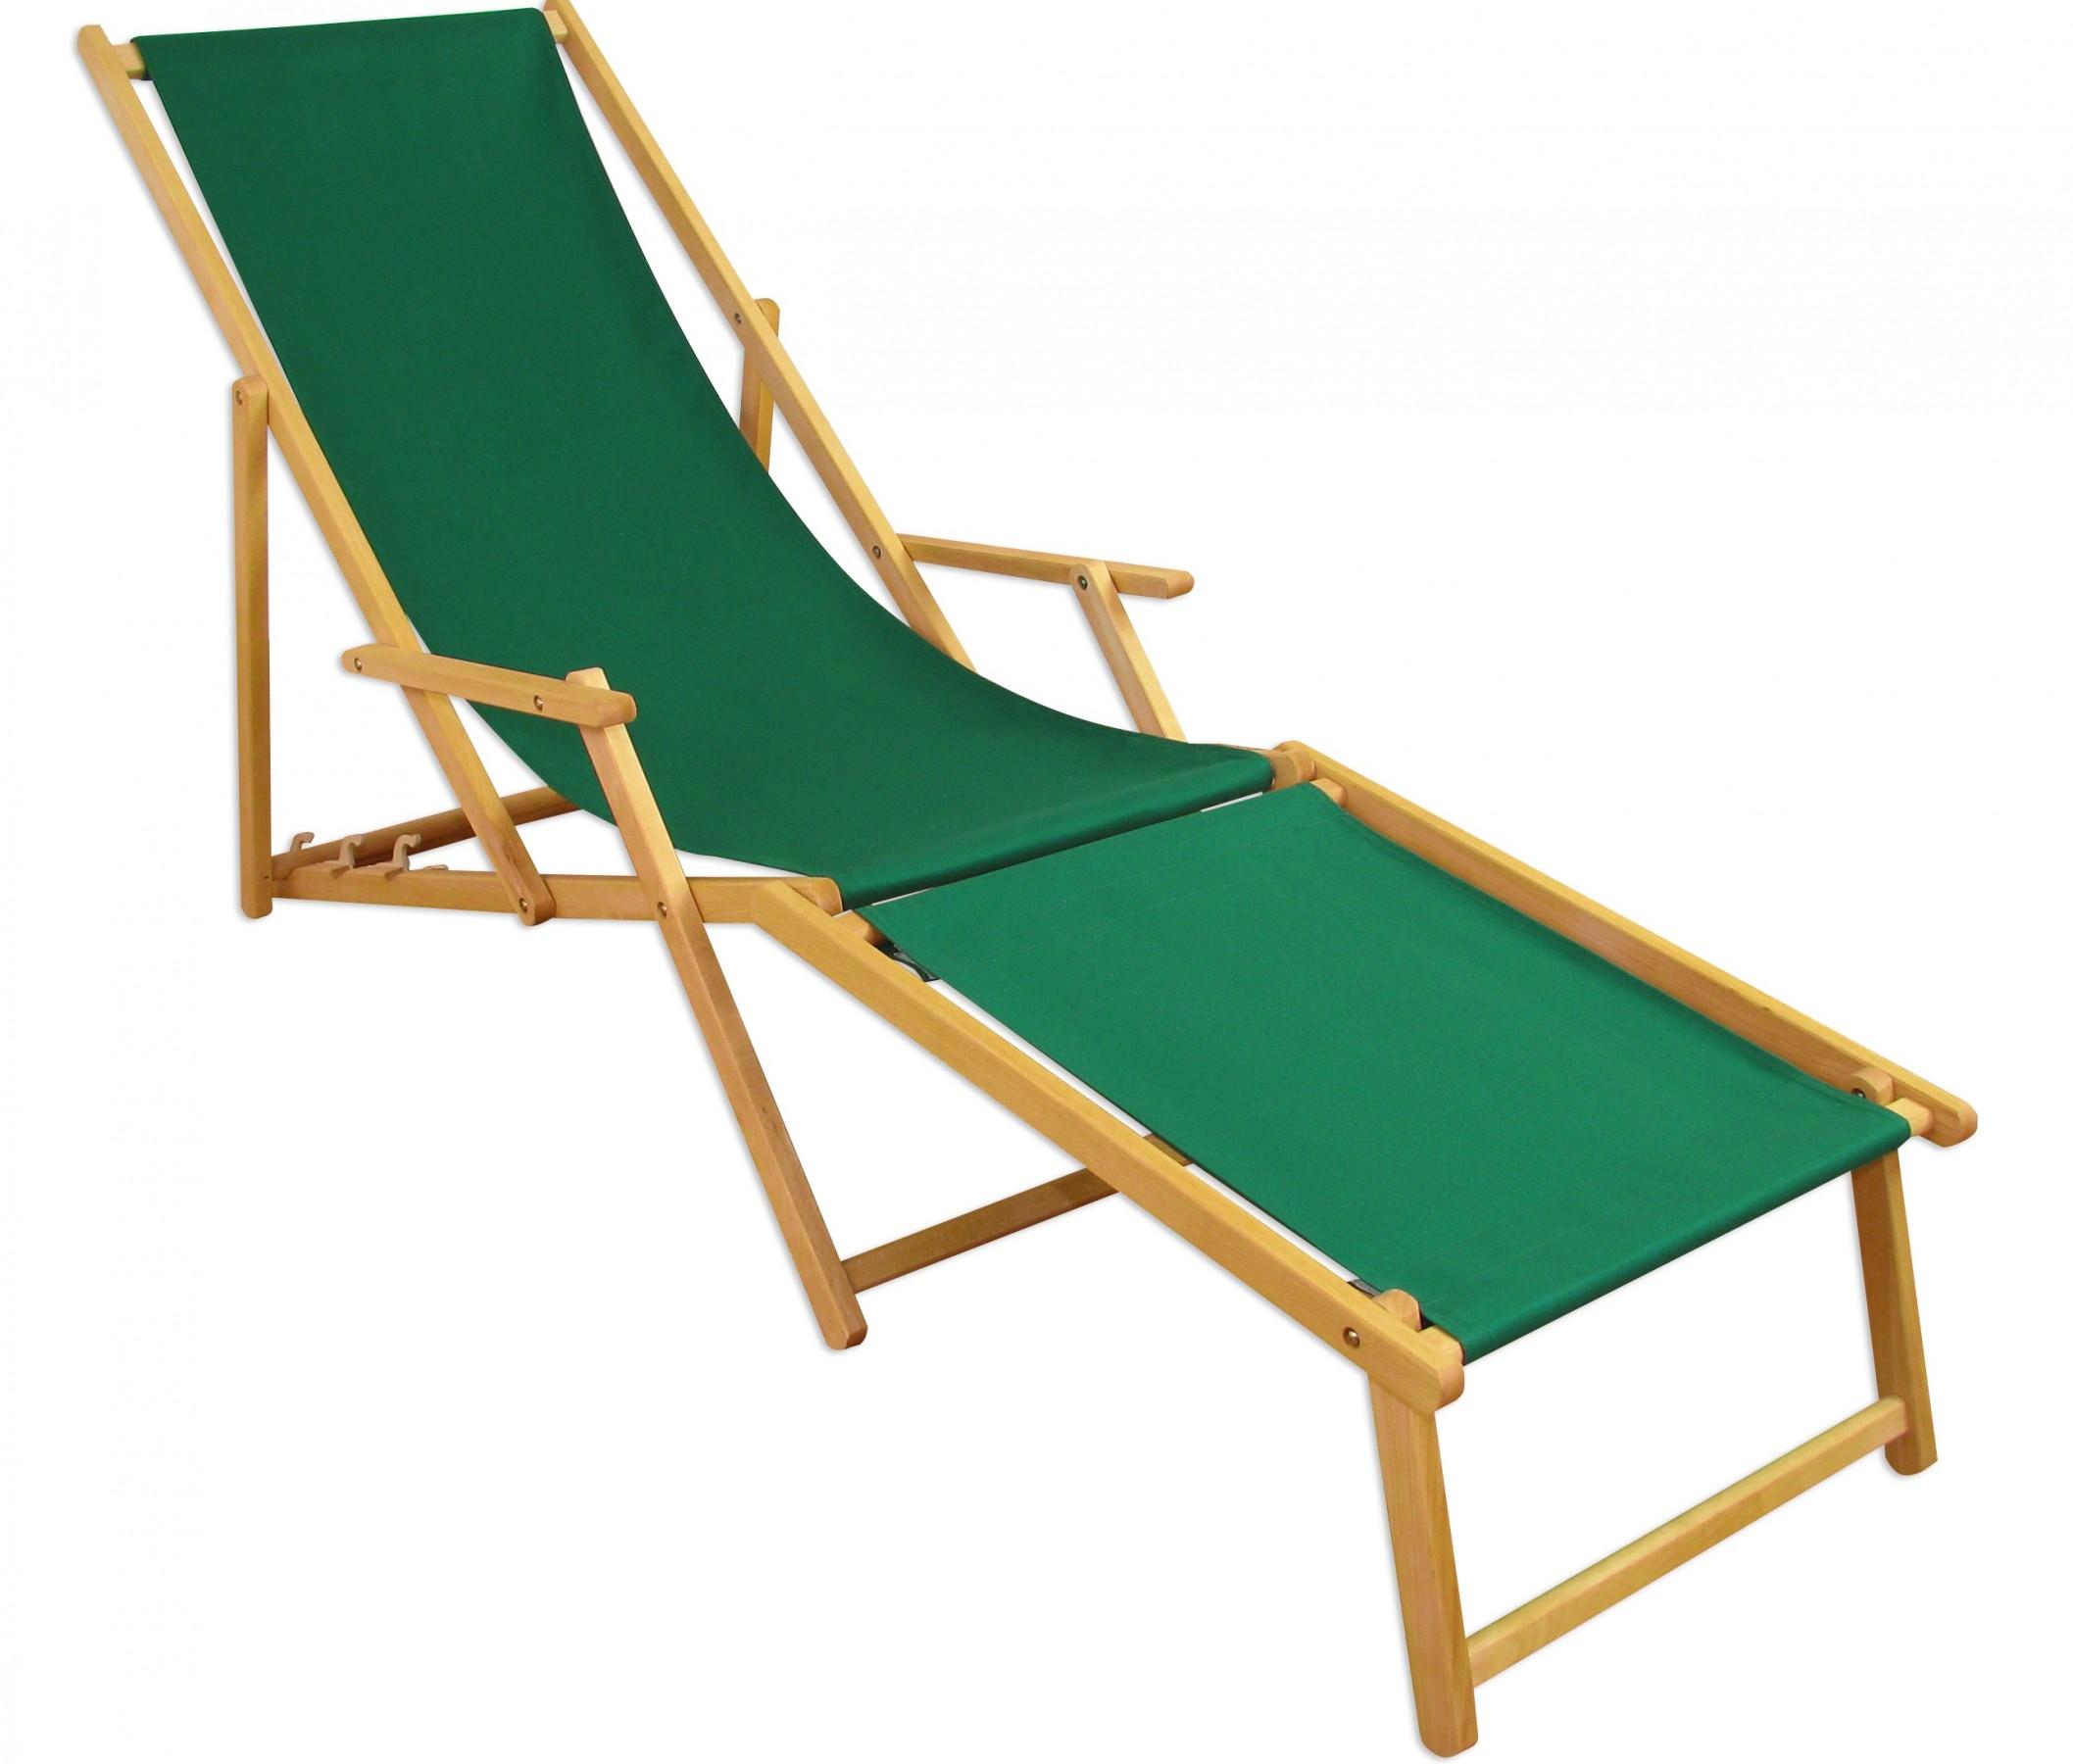 Liegestuhl Gartenliege Grün Fußteil Sonnenliege Strandliege Holz